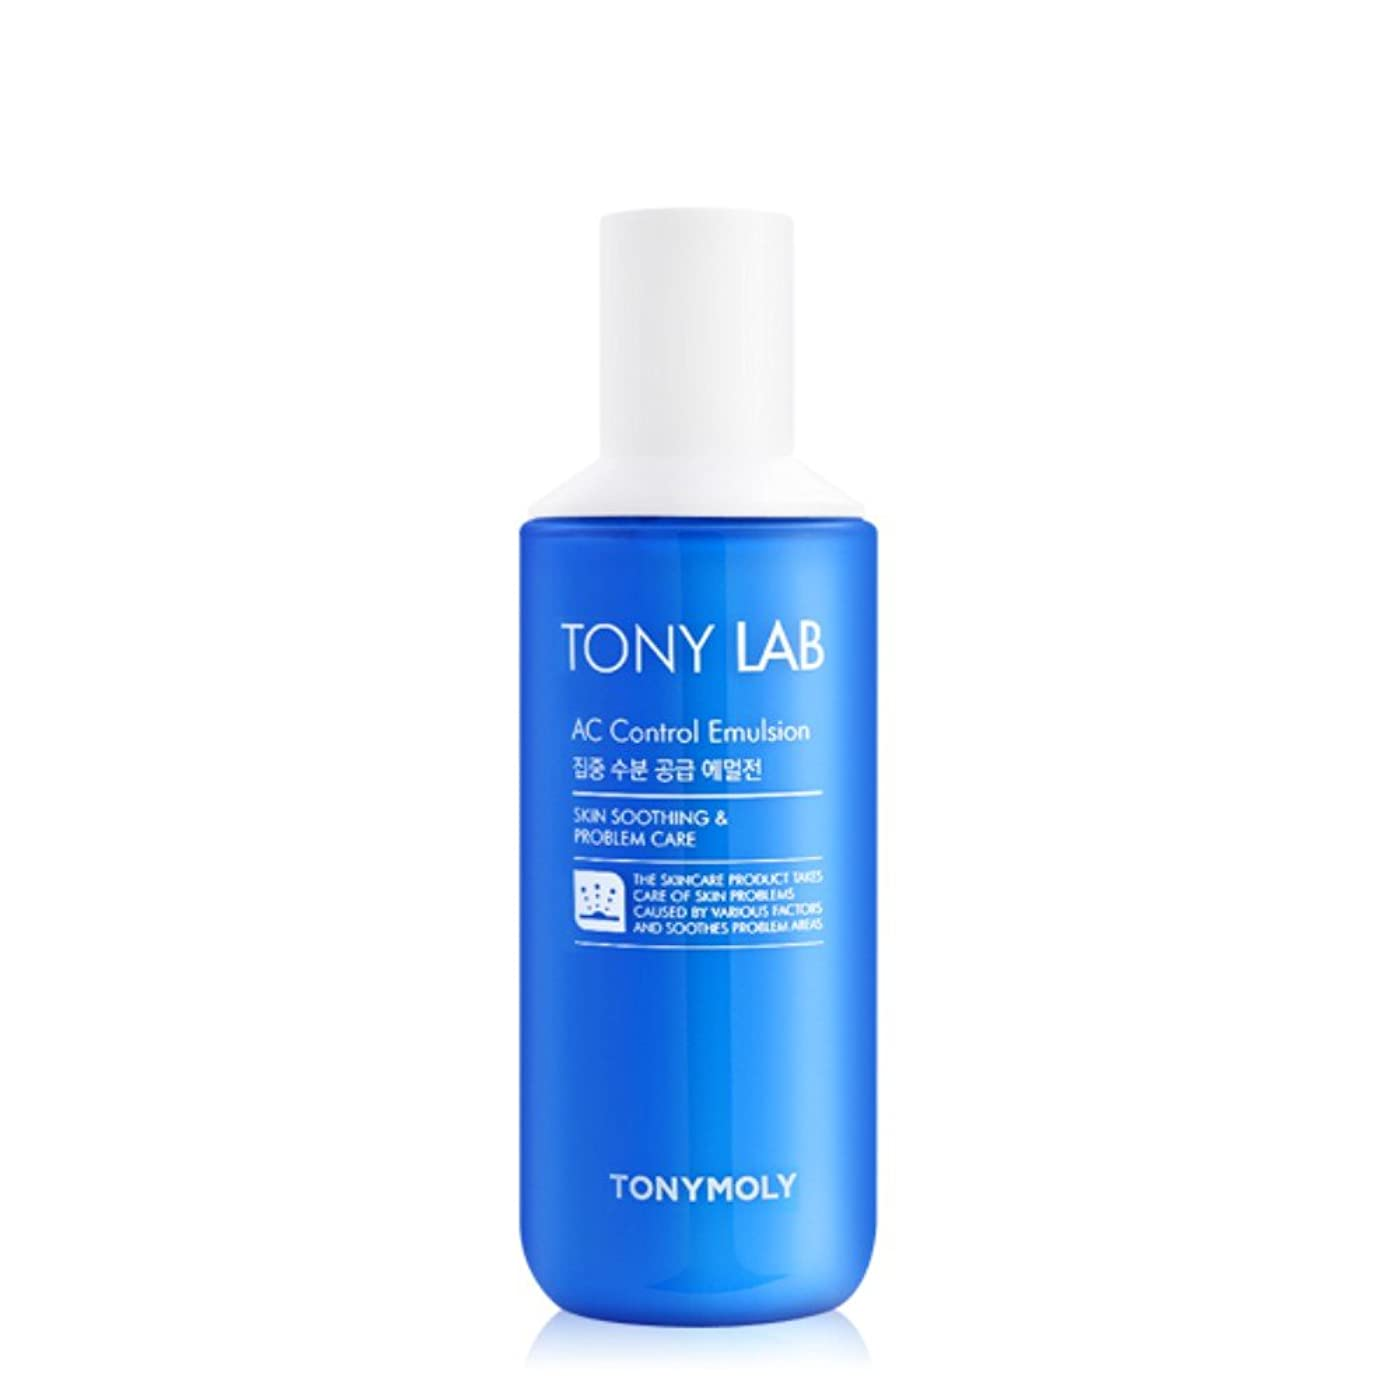 結婚した弁護人みすぼらしい[2016 New] TONYMOLY Tony Lab AC Control Emulsion 160ml/トニーモリー トニー ラボ AC コントロール エマルジョン 160ml